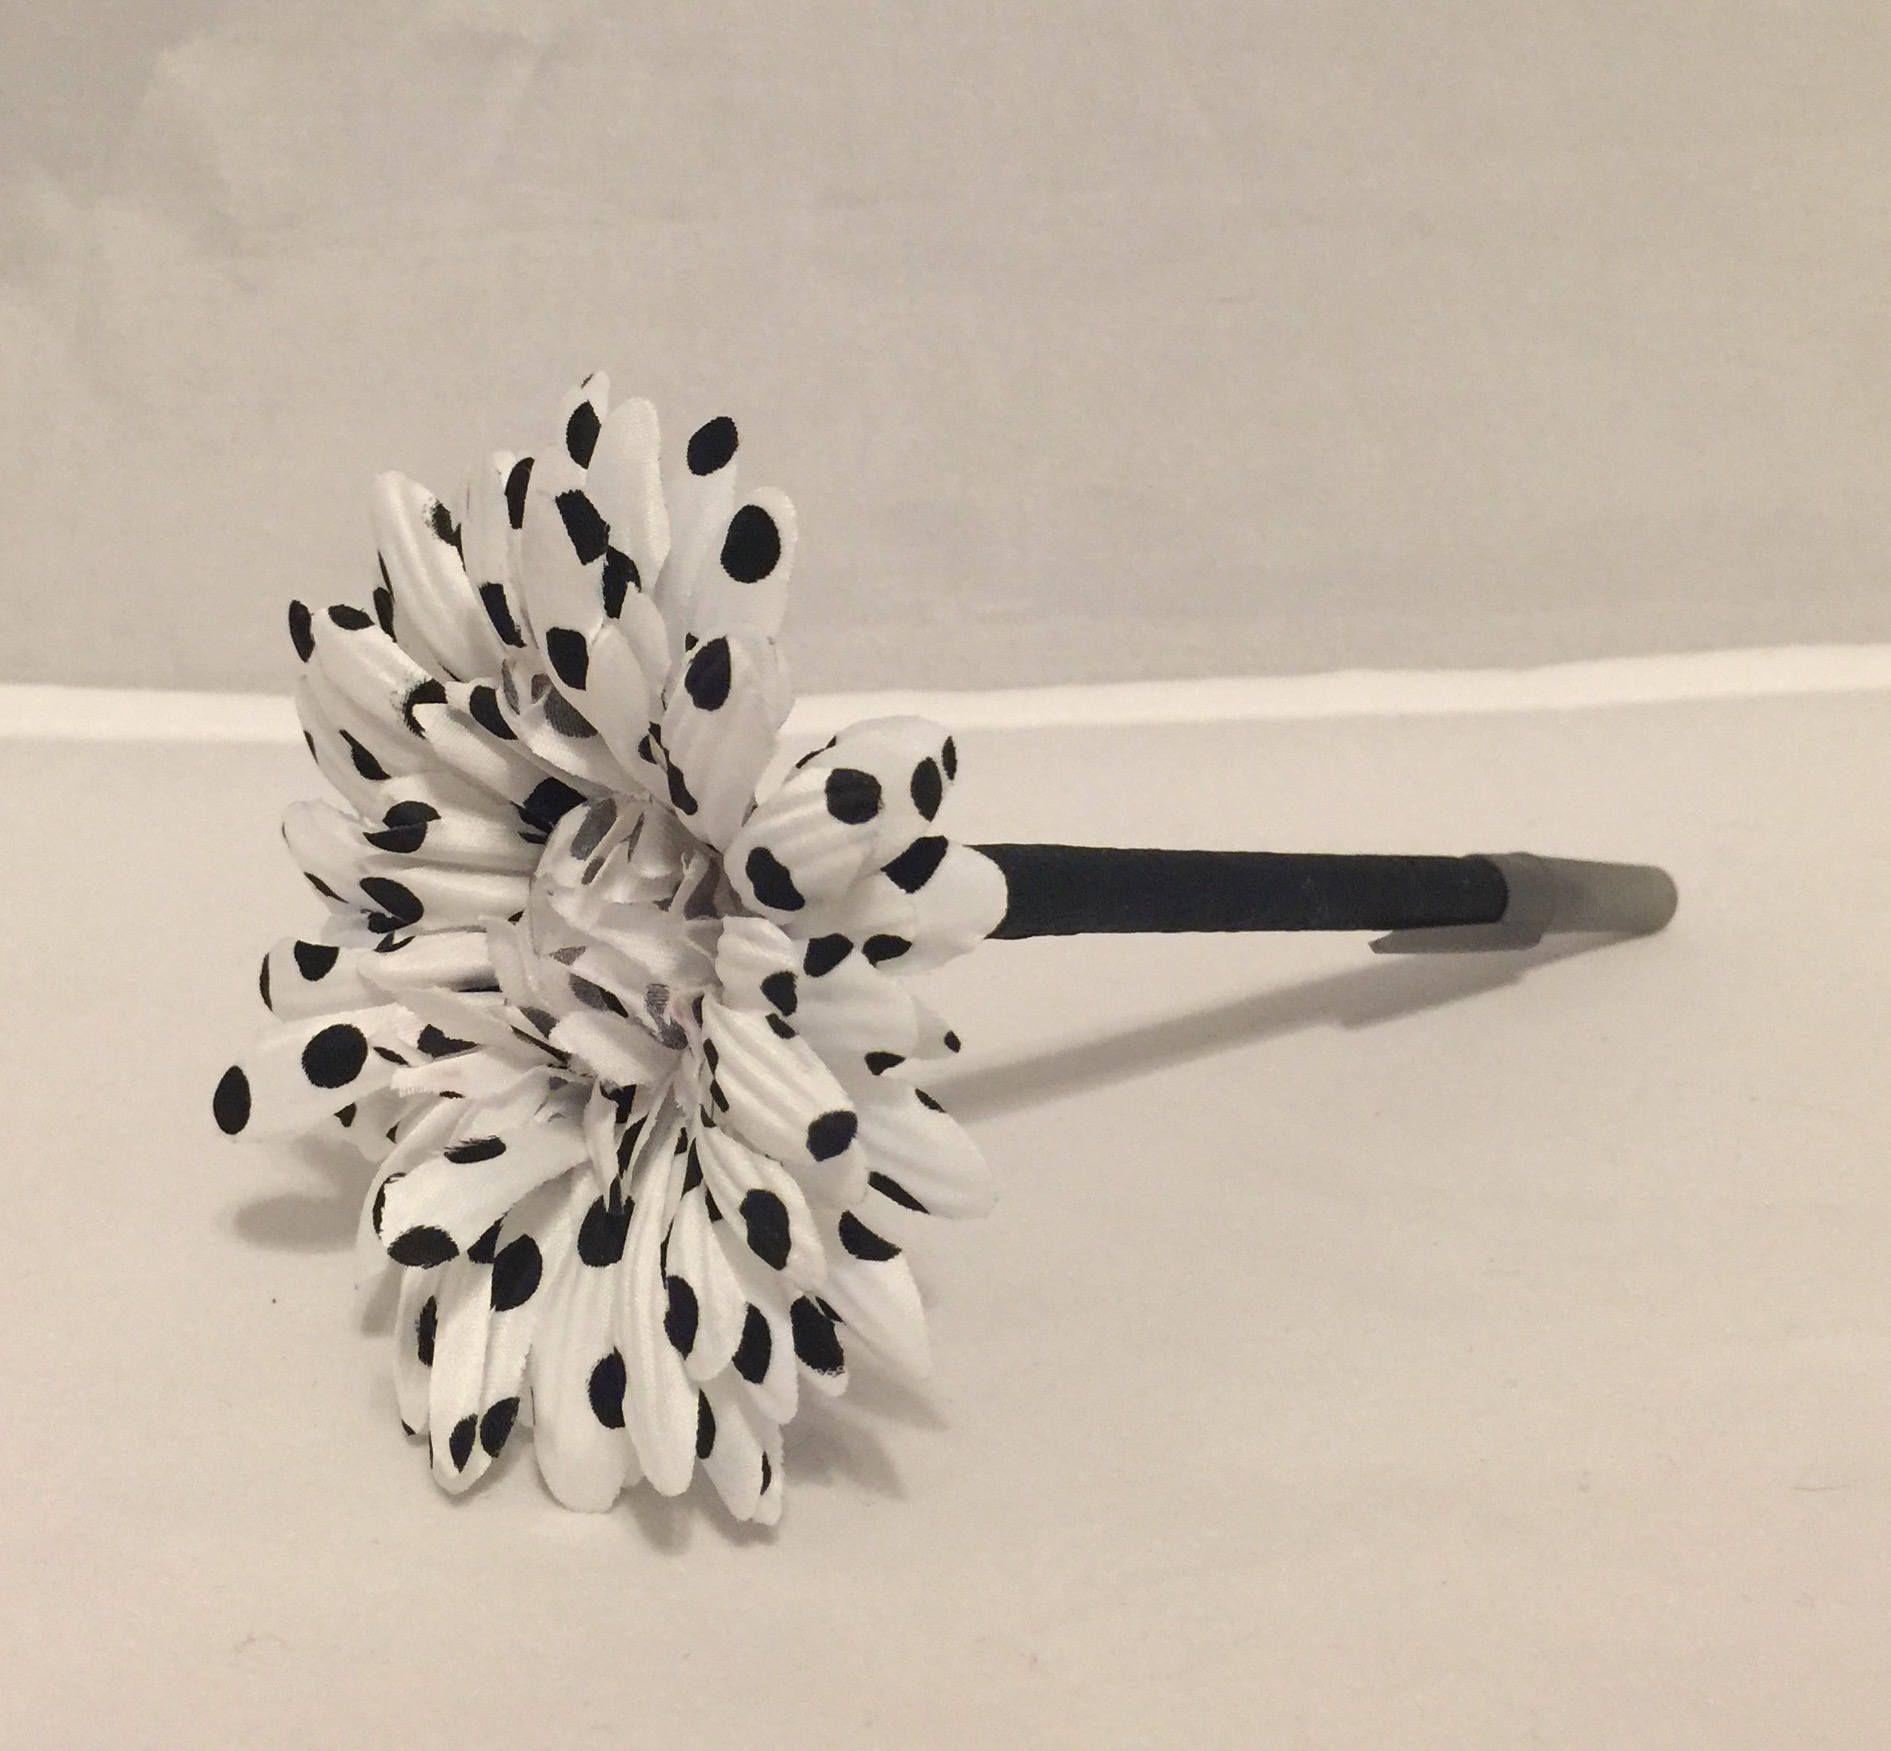 White and Black Polka Dot Daisy Flower Pen / Wedding, Bridal Shower ...